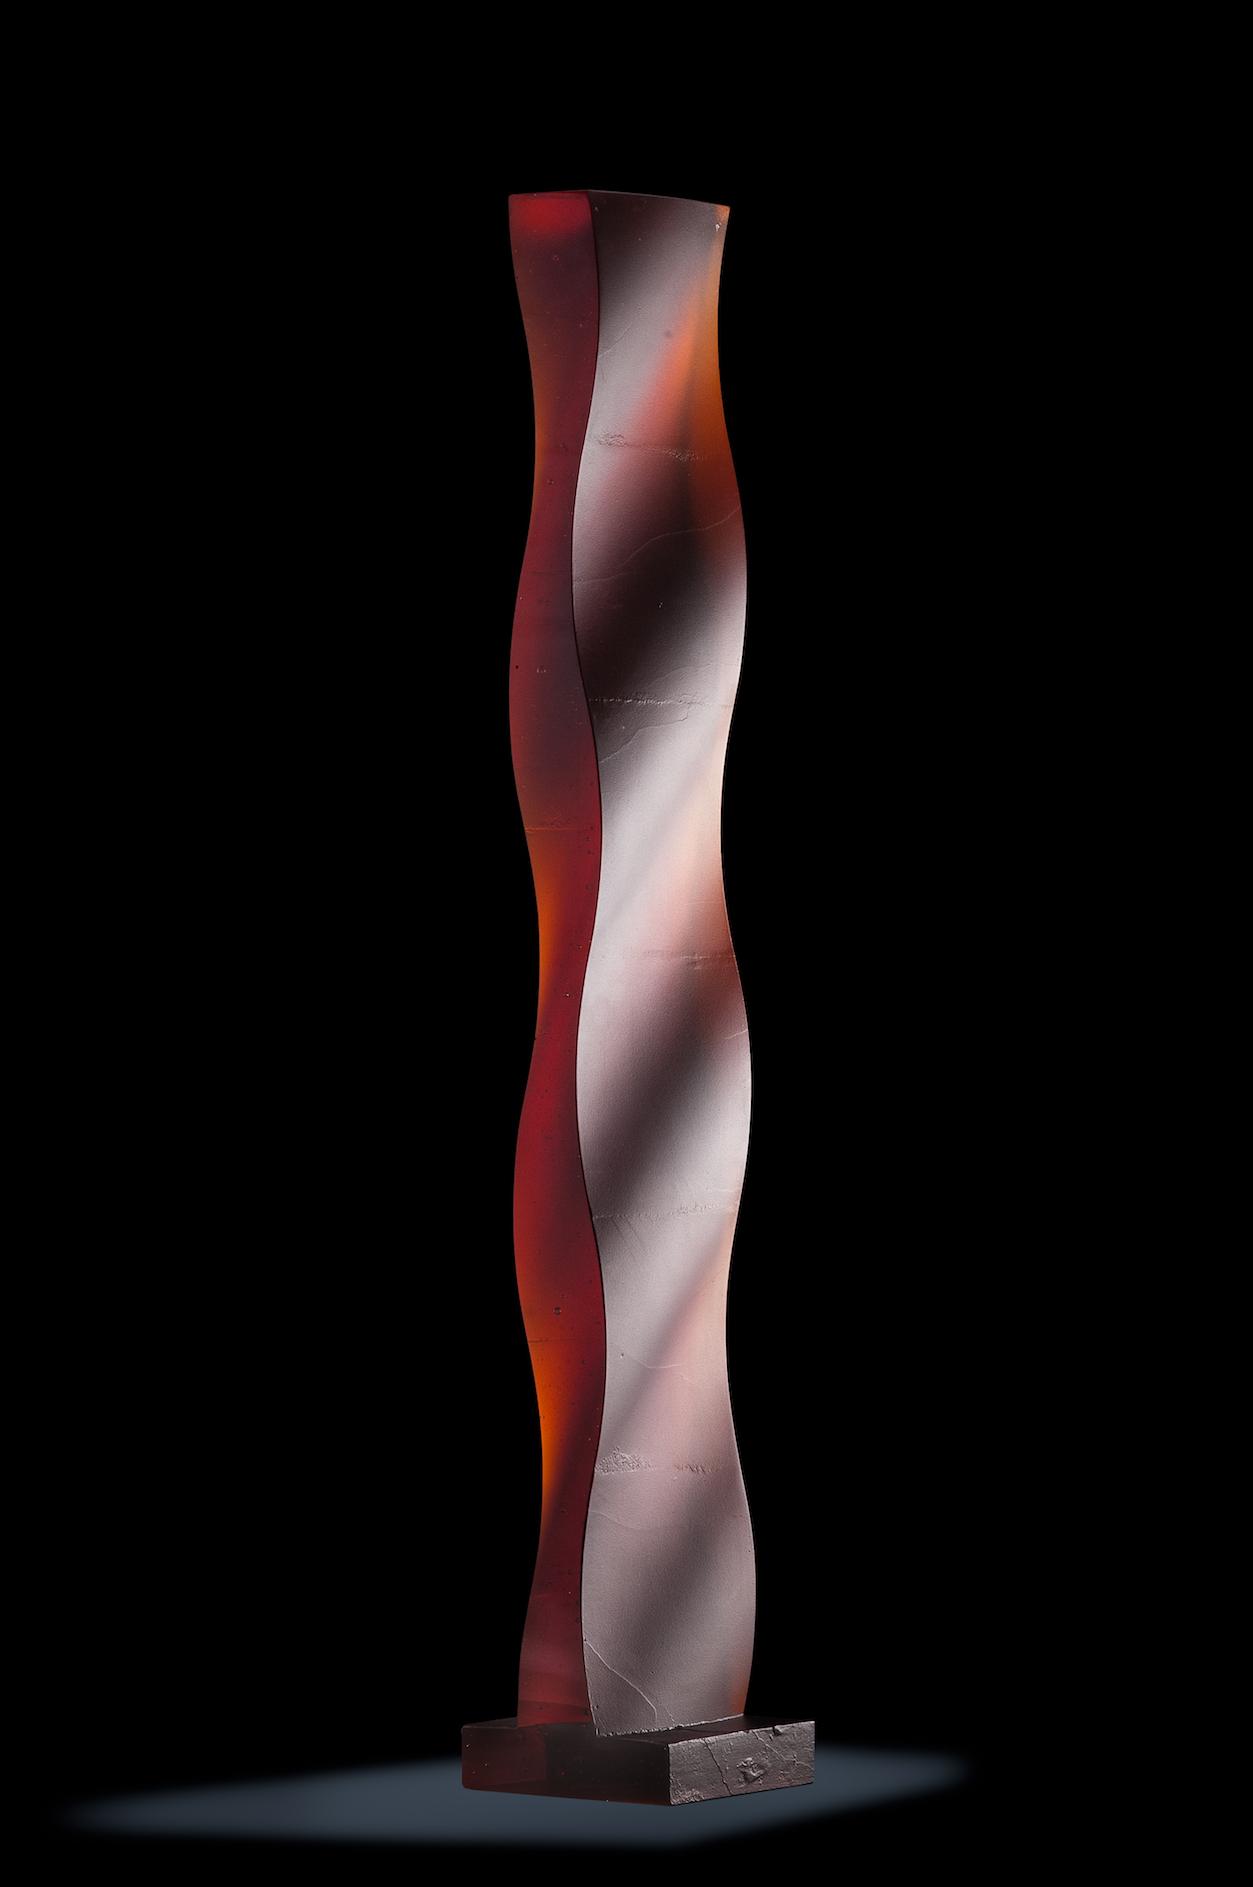 7.Stepan Pala,Waves 1